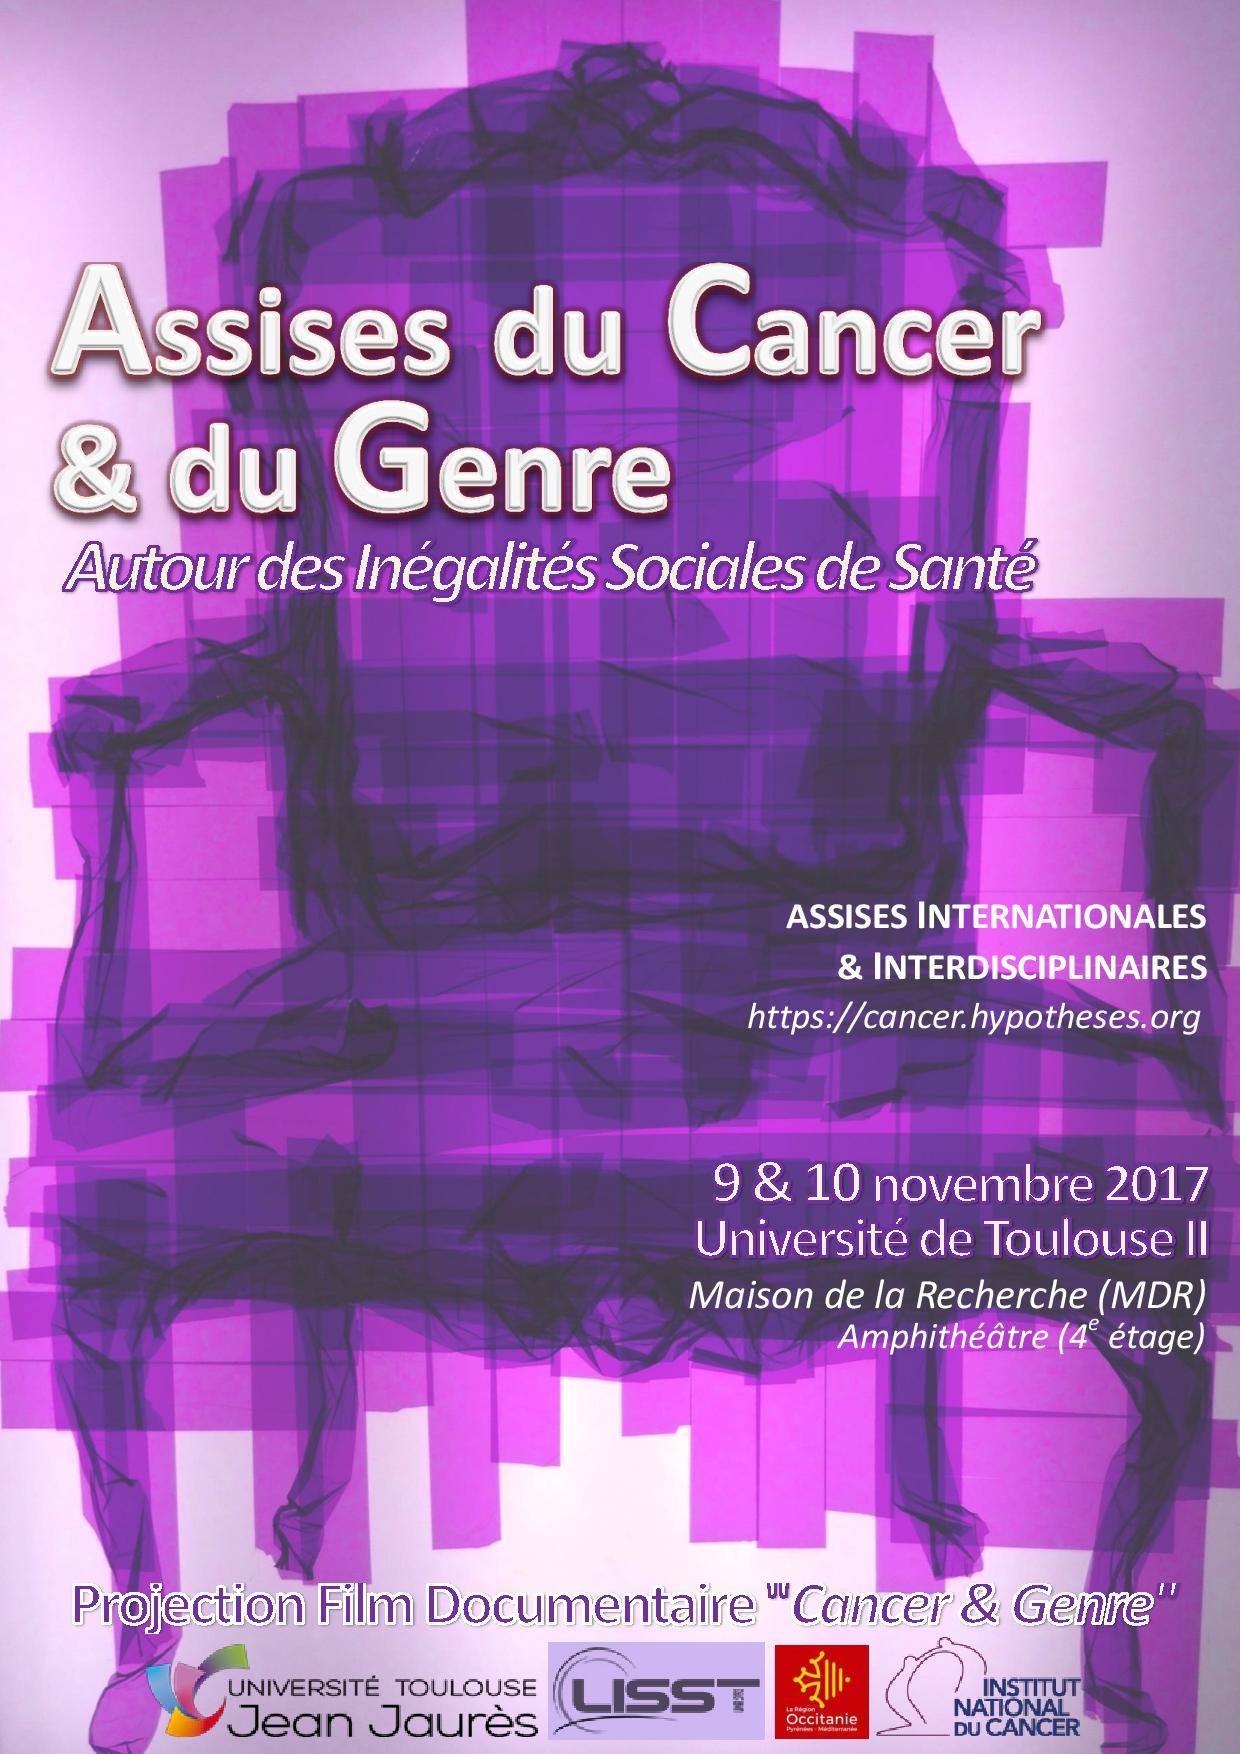 Affiche_Assises du Cancer  du Genre_9  10 Nov 2017_Amphi MDR_UT2J-page-001.jpg